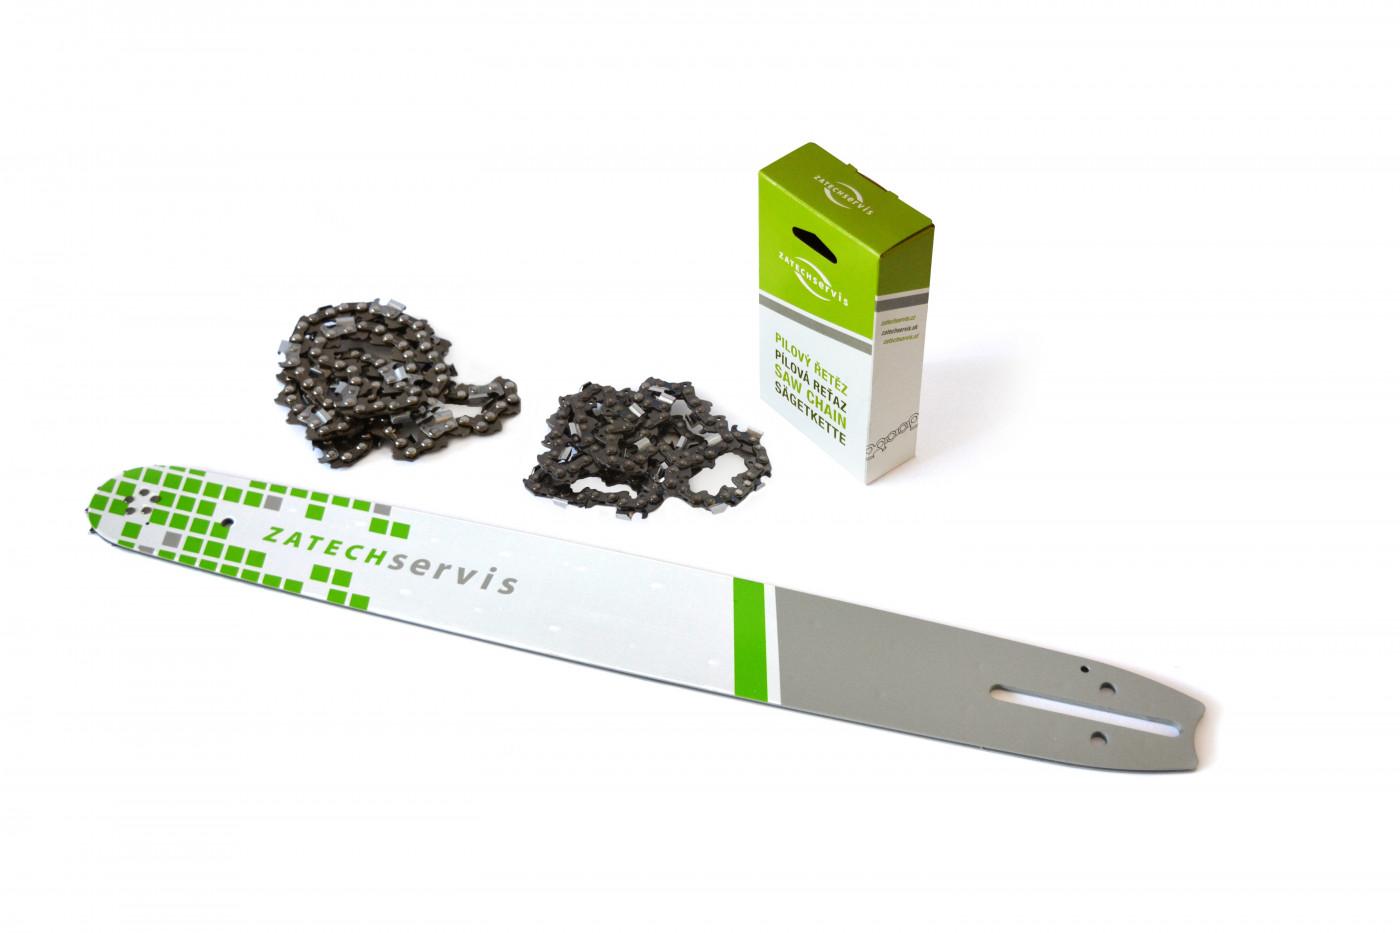 Vodící lišta 50cm + 2x pilový řetěz 72 článků 3/8 1,5mm pro Husqvarnu